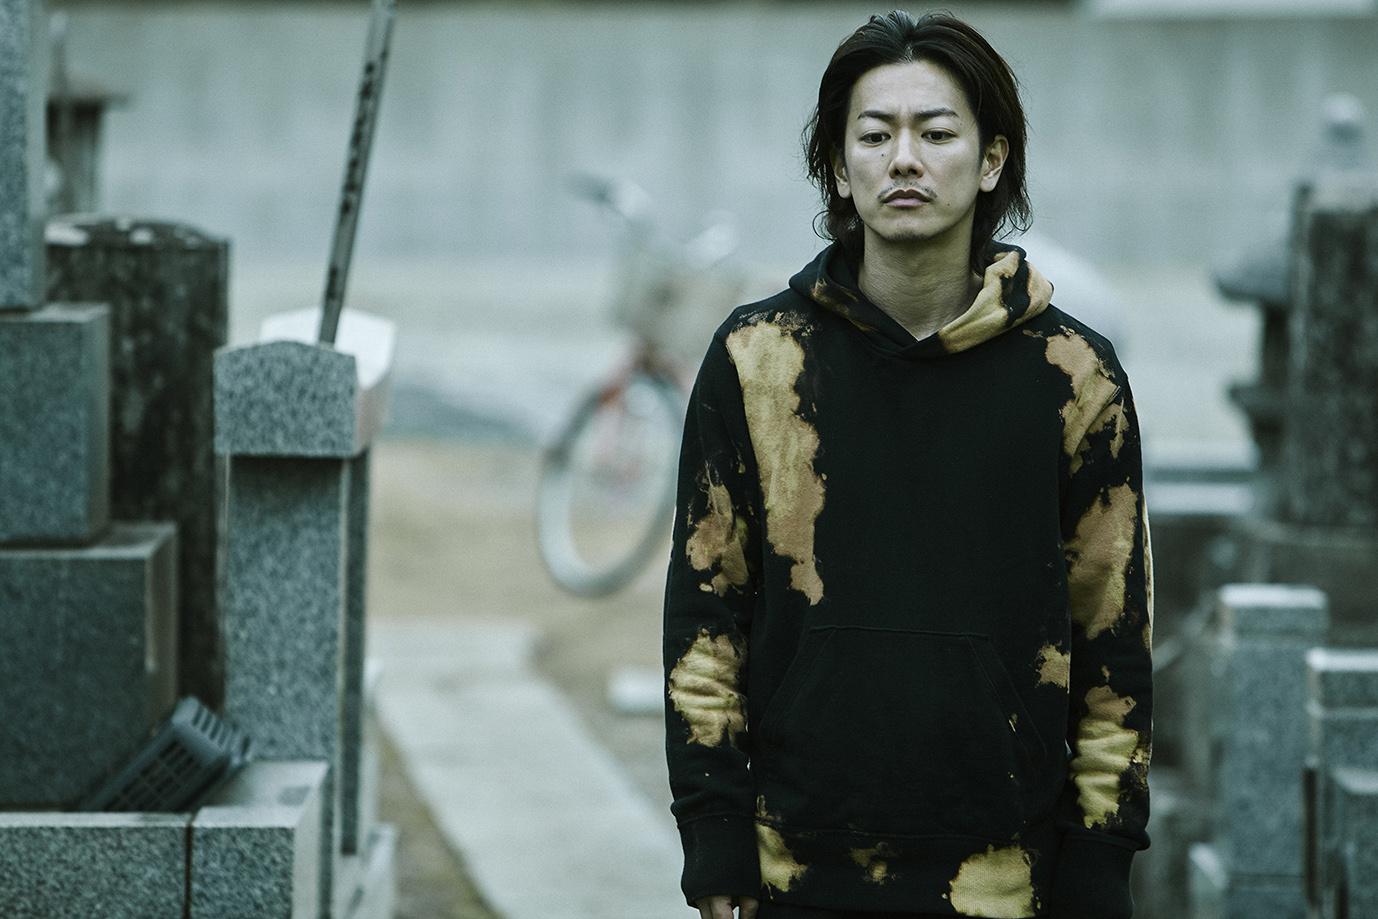 佐藤健也將於明年1月2日特別來台宣傳,預計與一千位幸運的影迷面對面